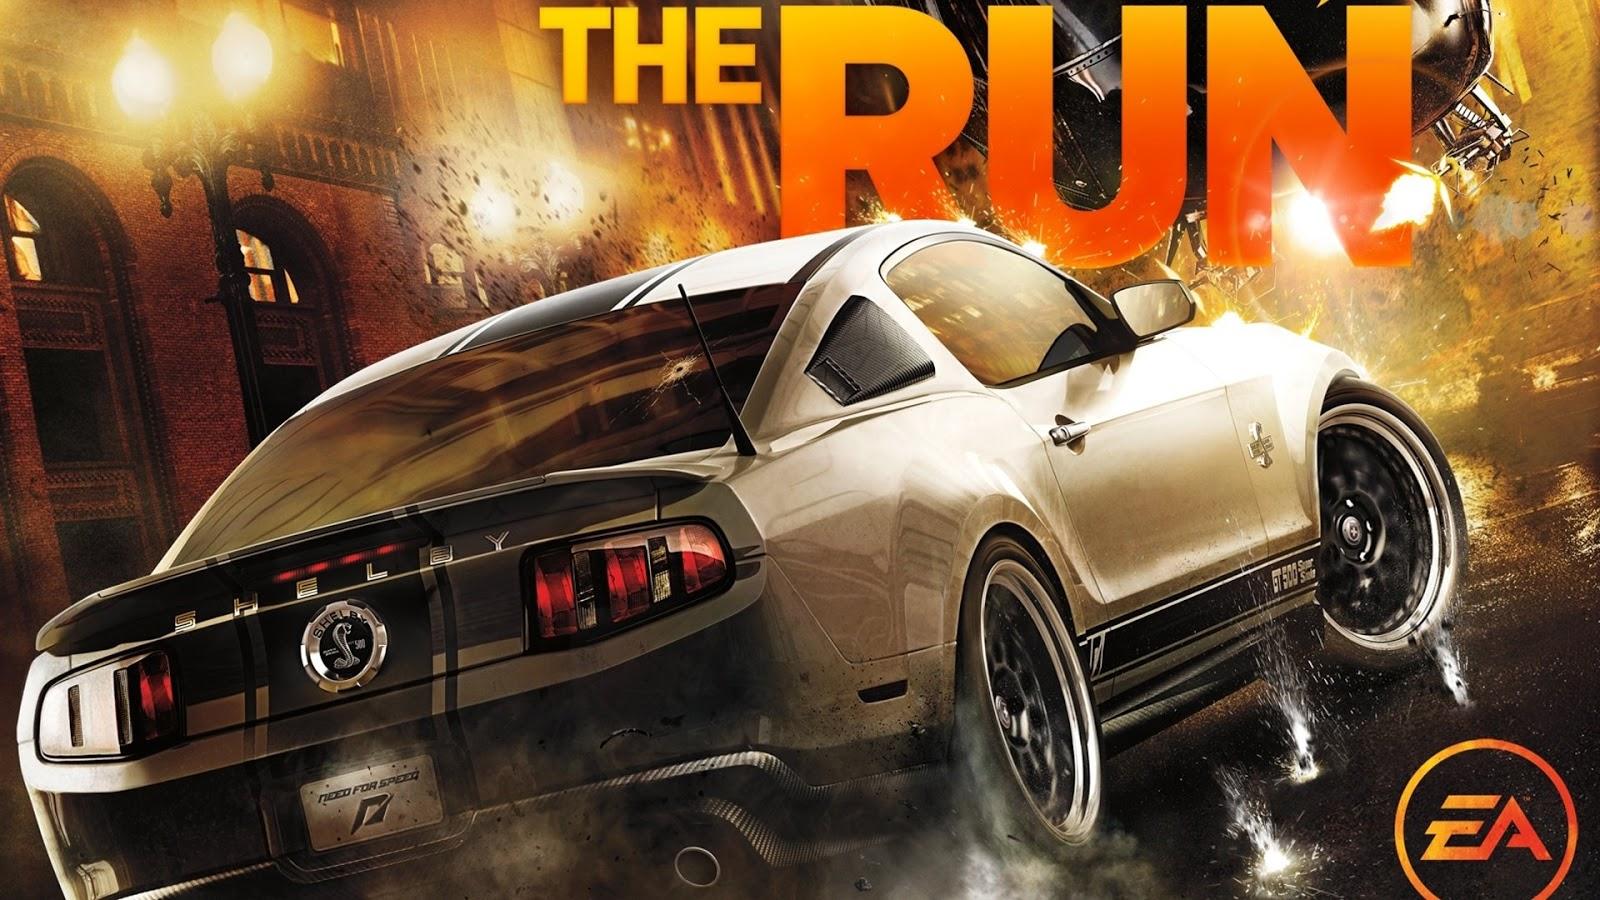 تحميل لعبة Need For Speed The Run نيد فور سبيد للكمبيوتر